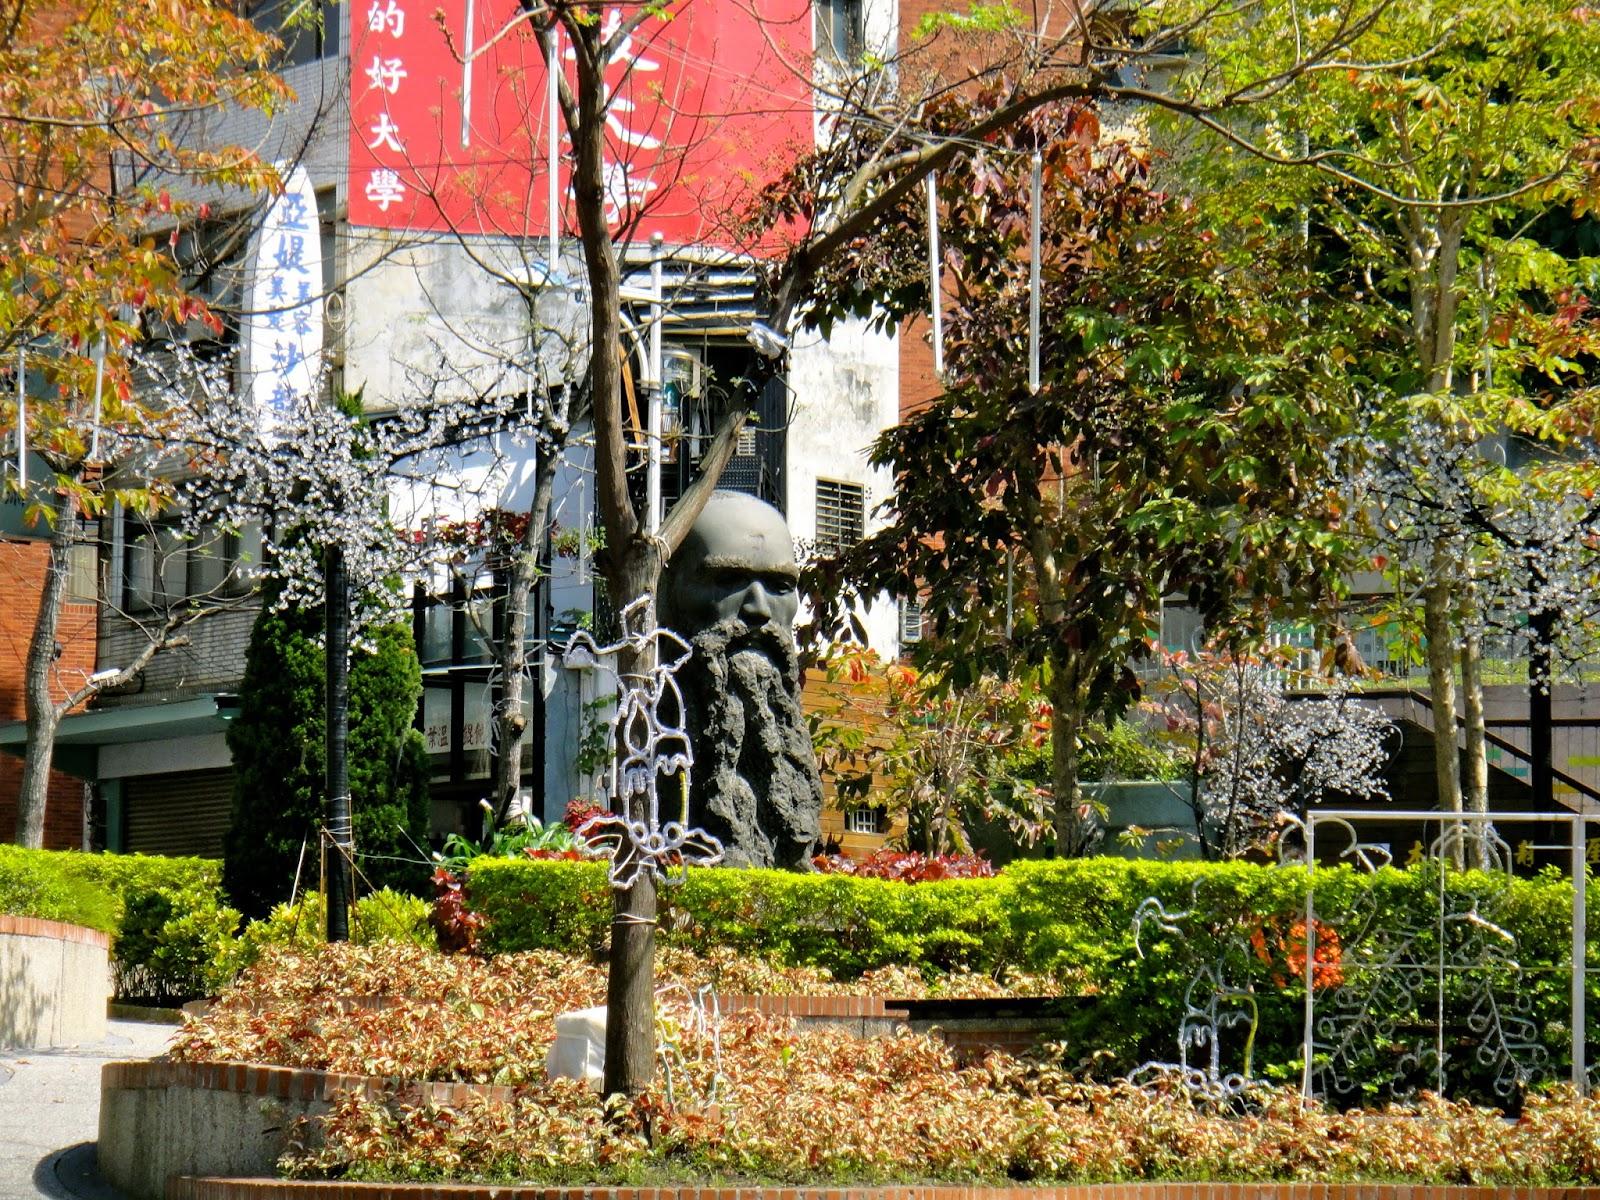 Mackay Statue Tamsui Taiwan